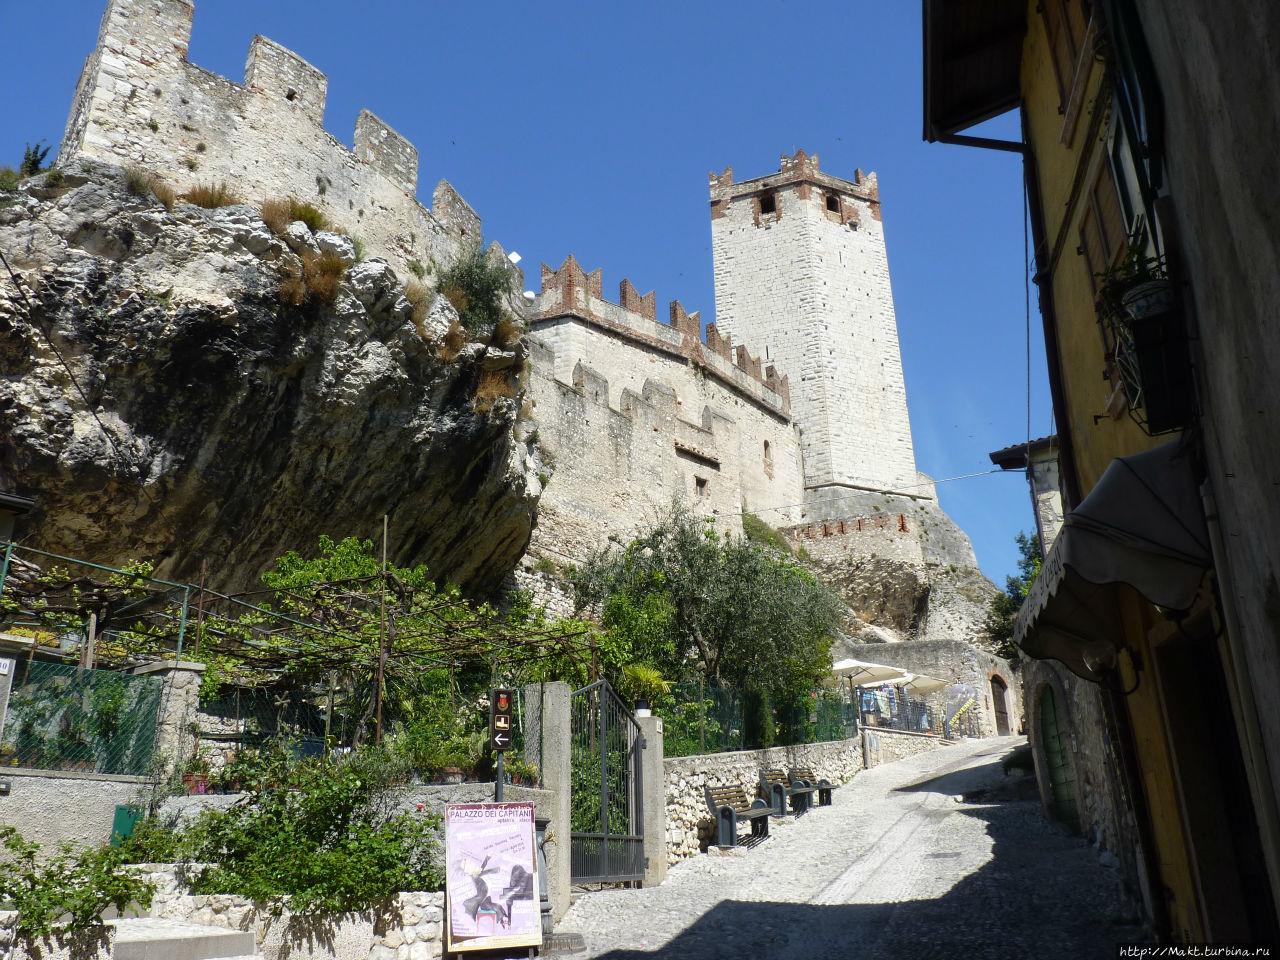 Замок в Мельчезине Гарда, Италия